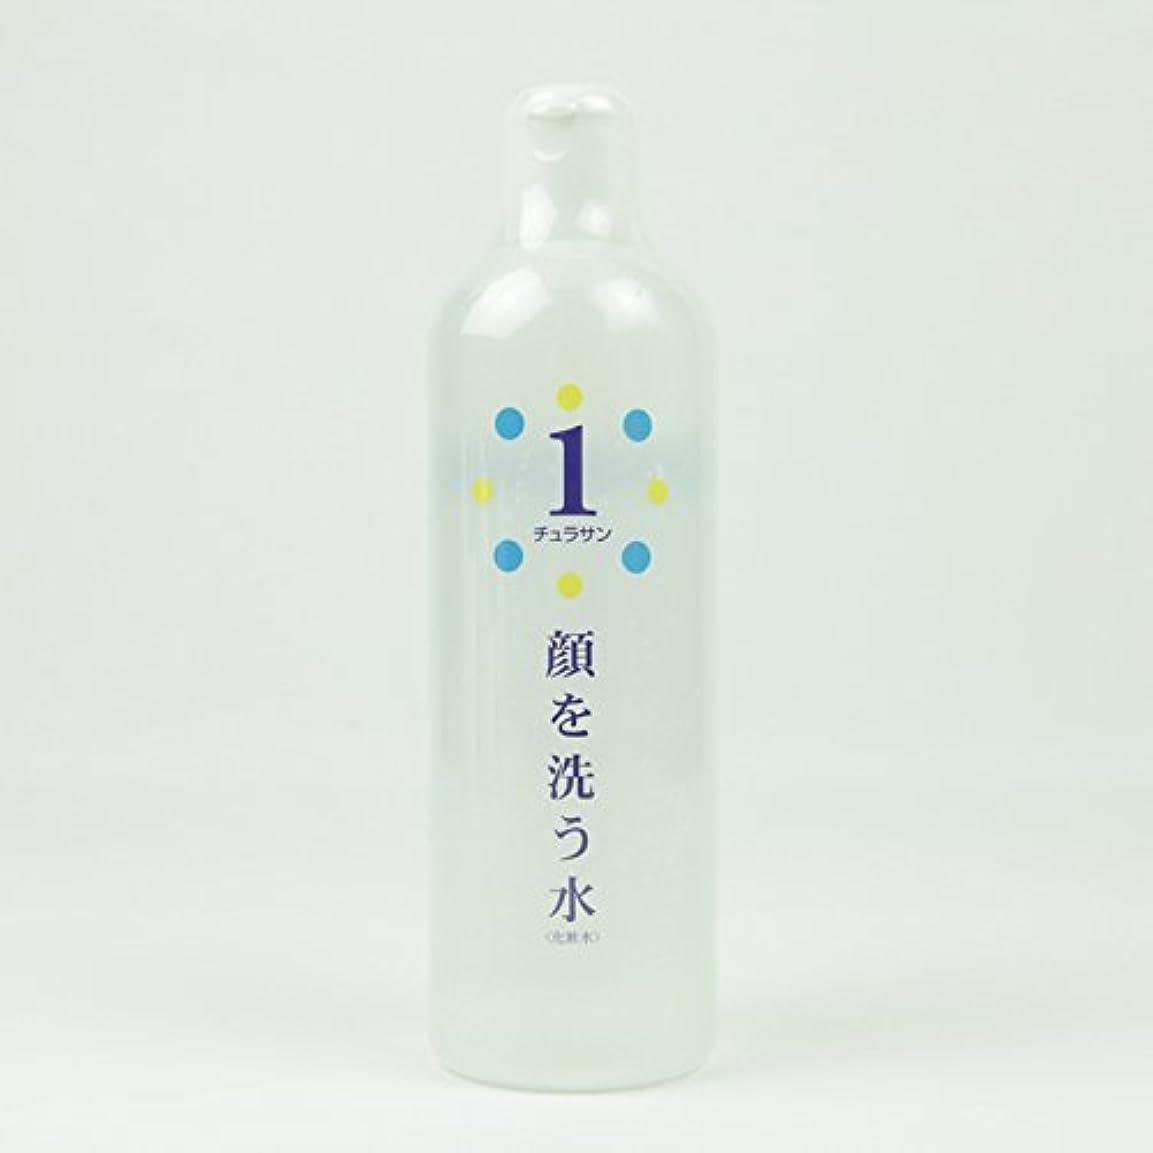 ホイットニー無意味レイチュラサン1 【顔を洗う水】 500ml